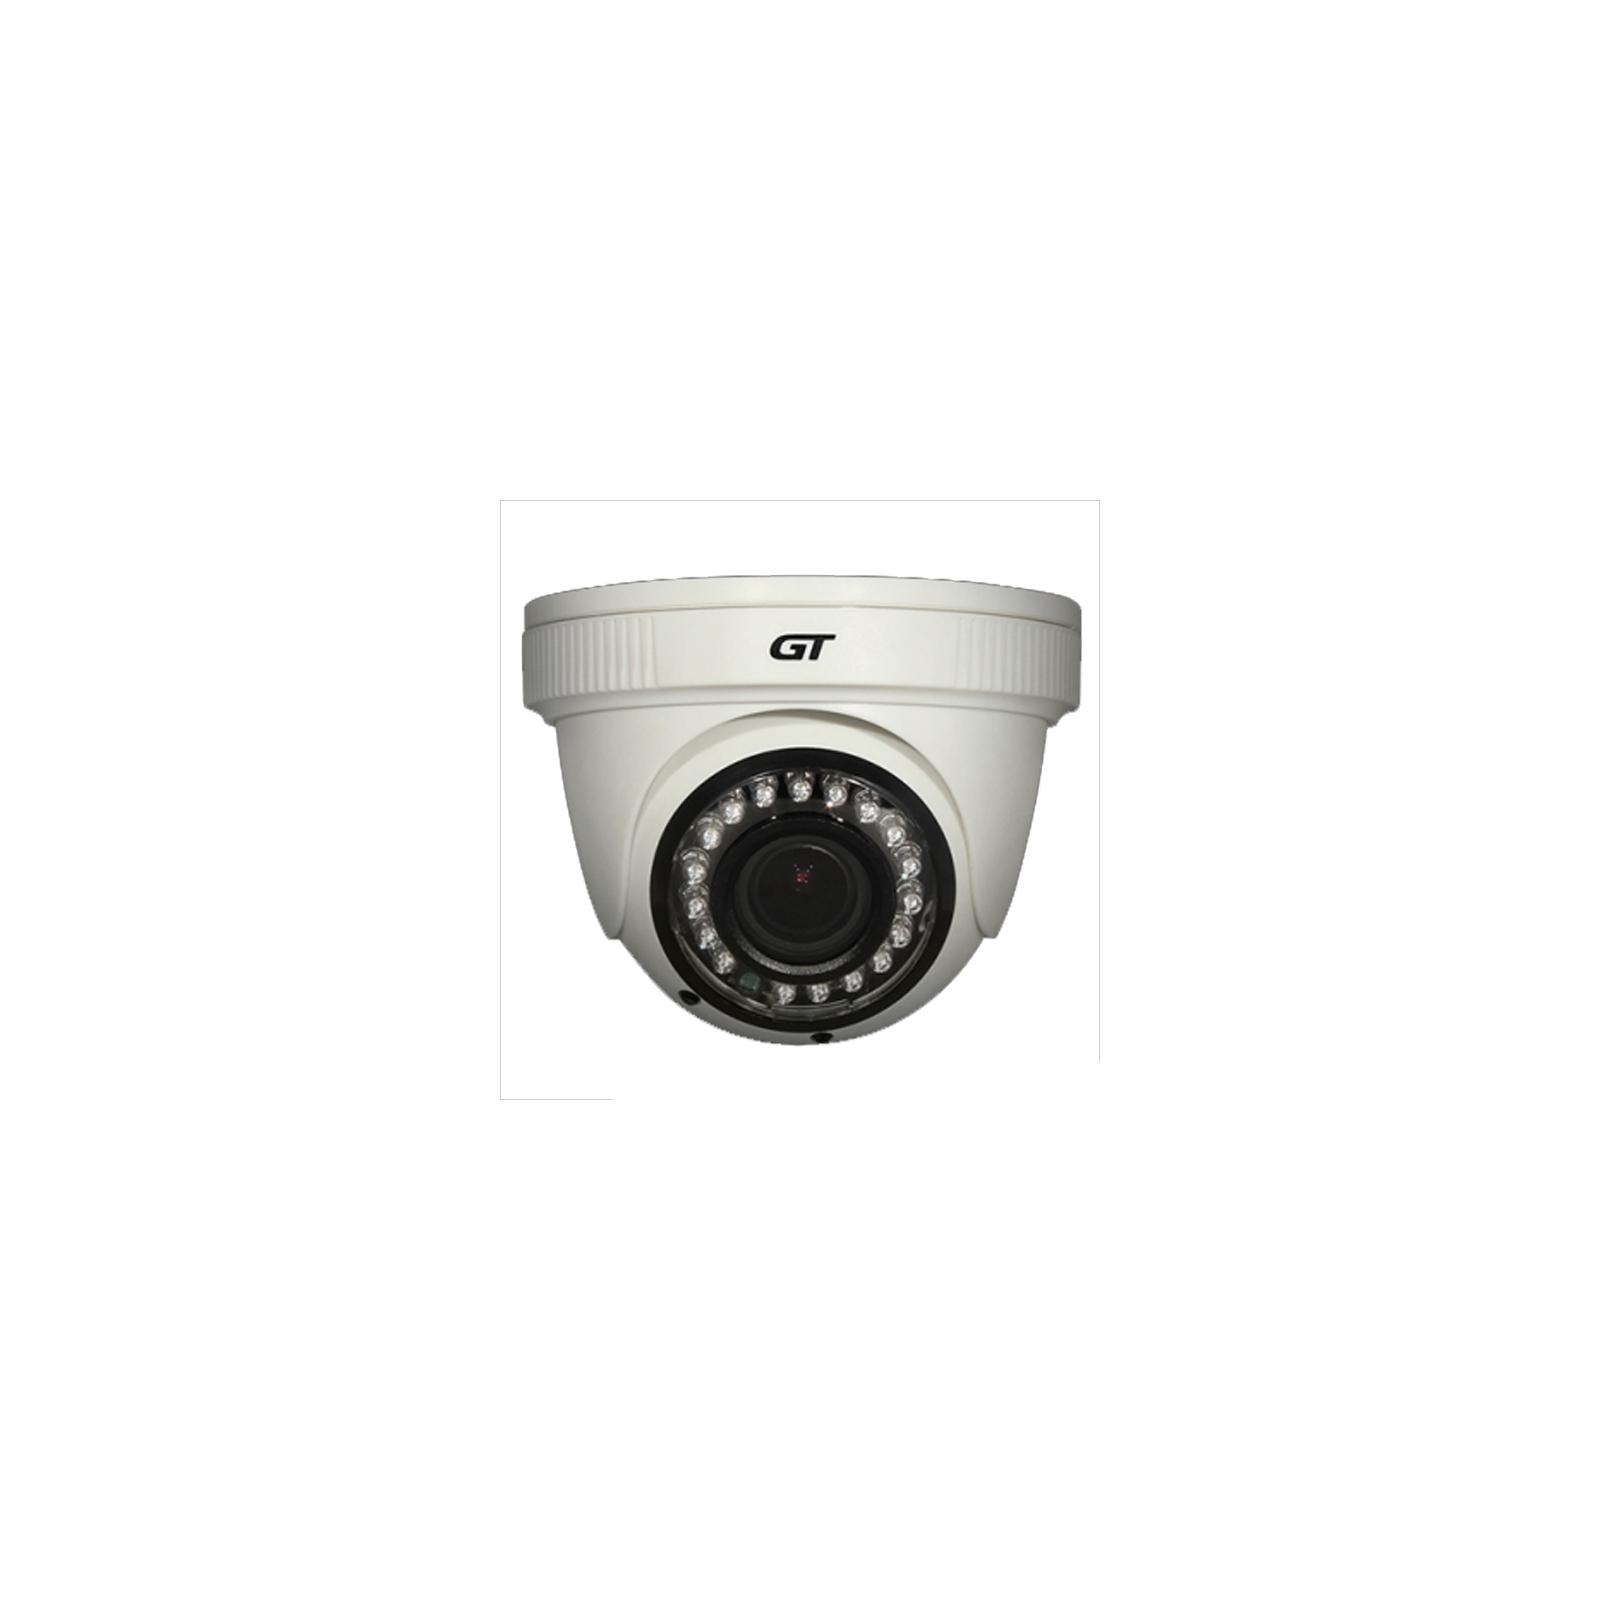 Камера видеонаблюдения GT Electronics AH181-20s изображение 2